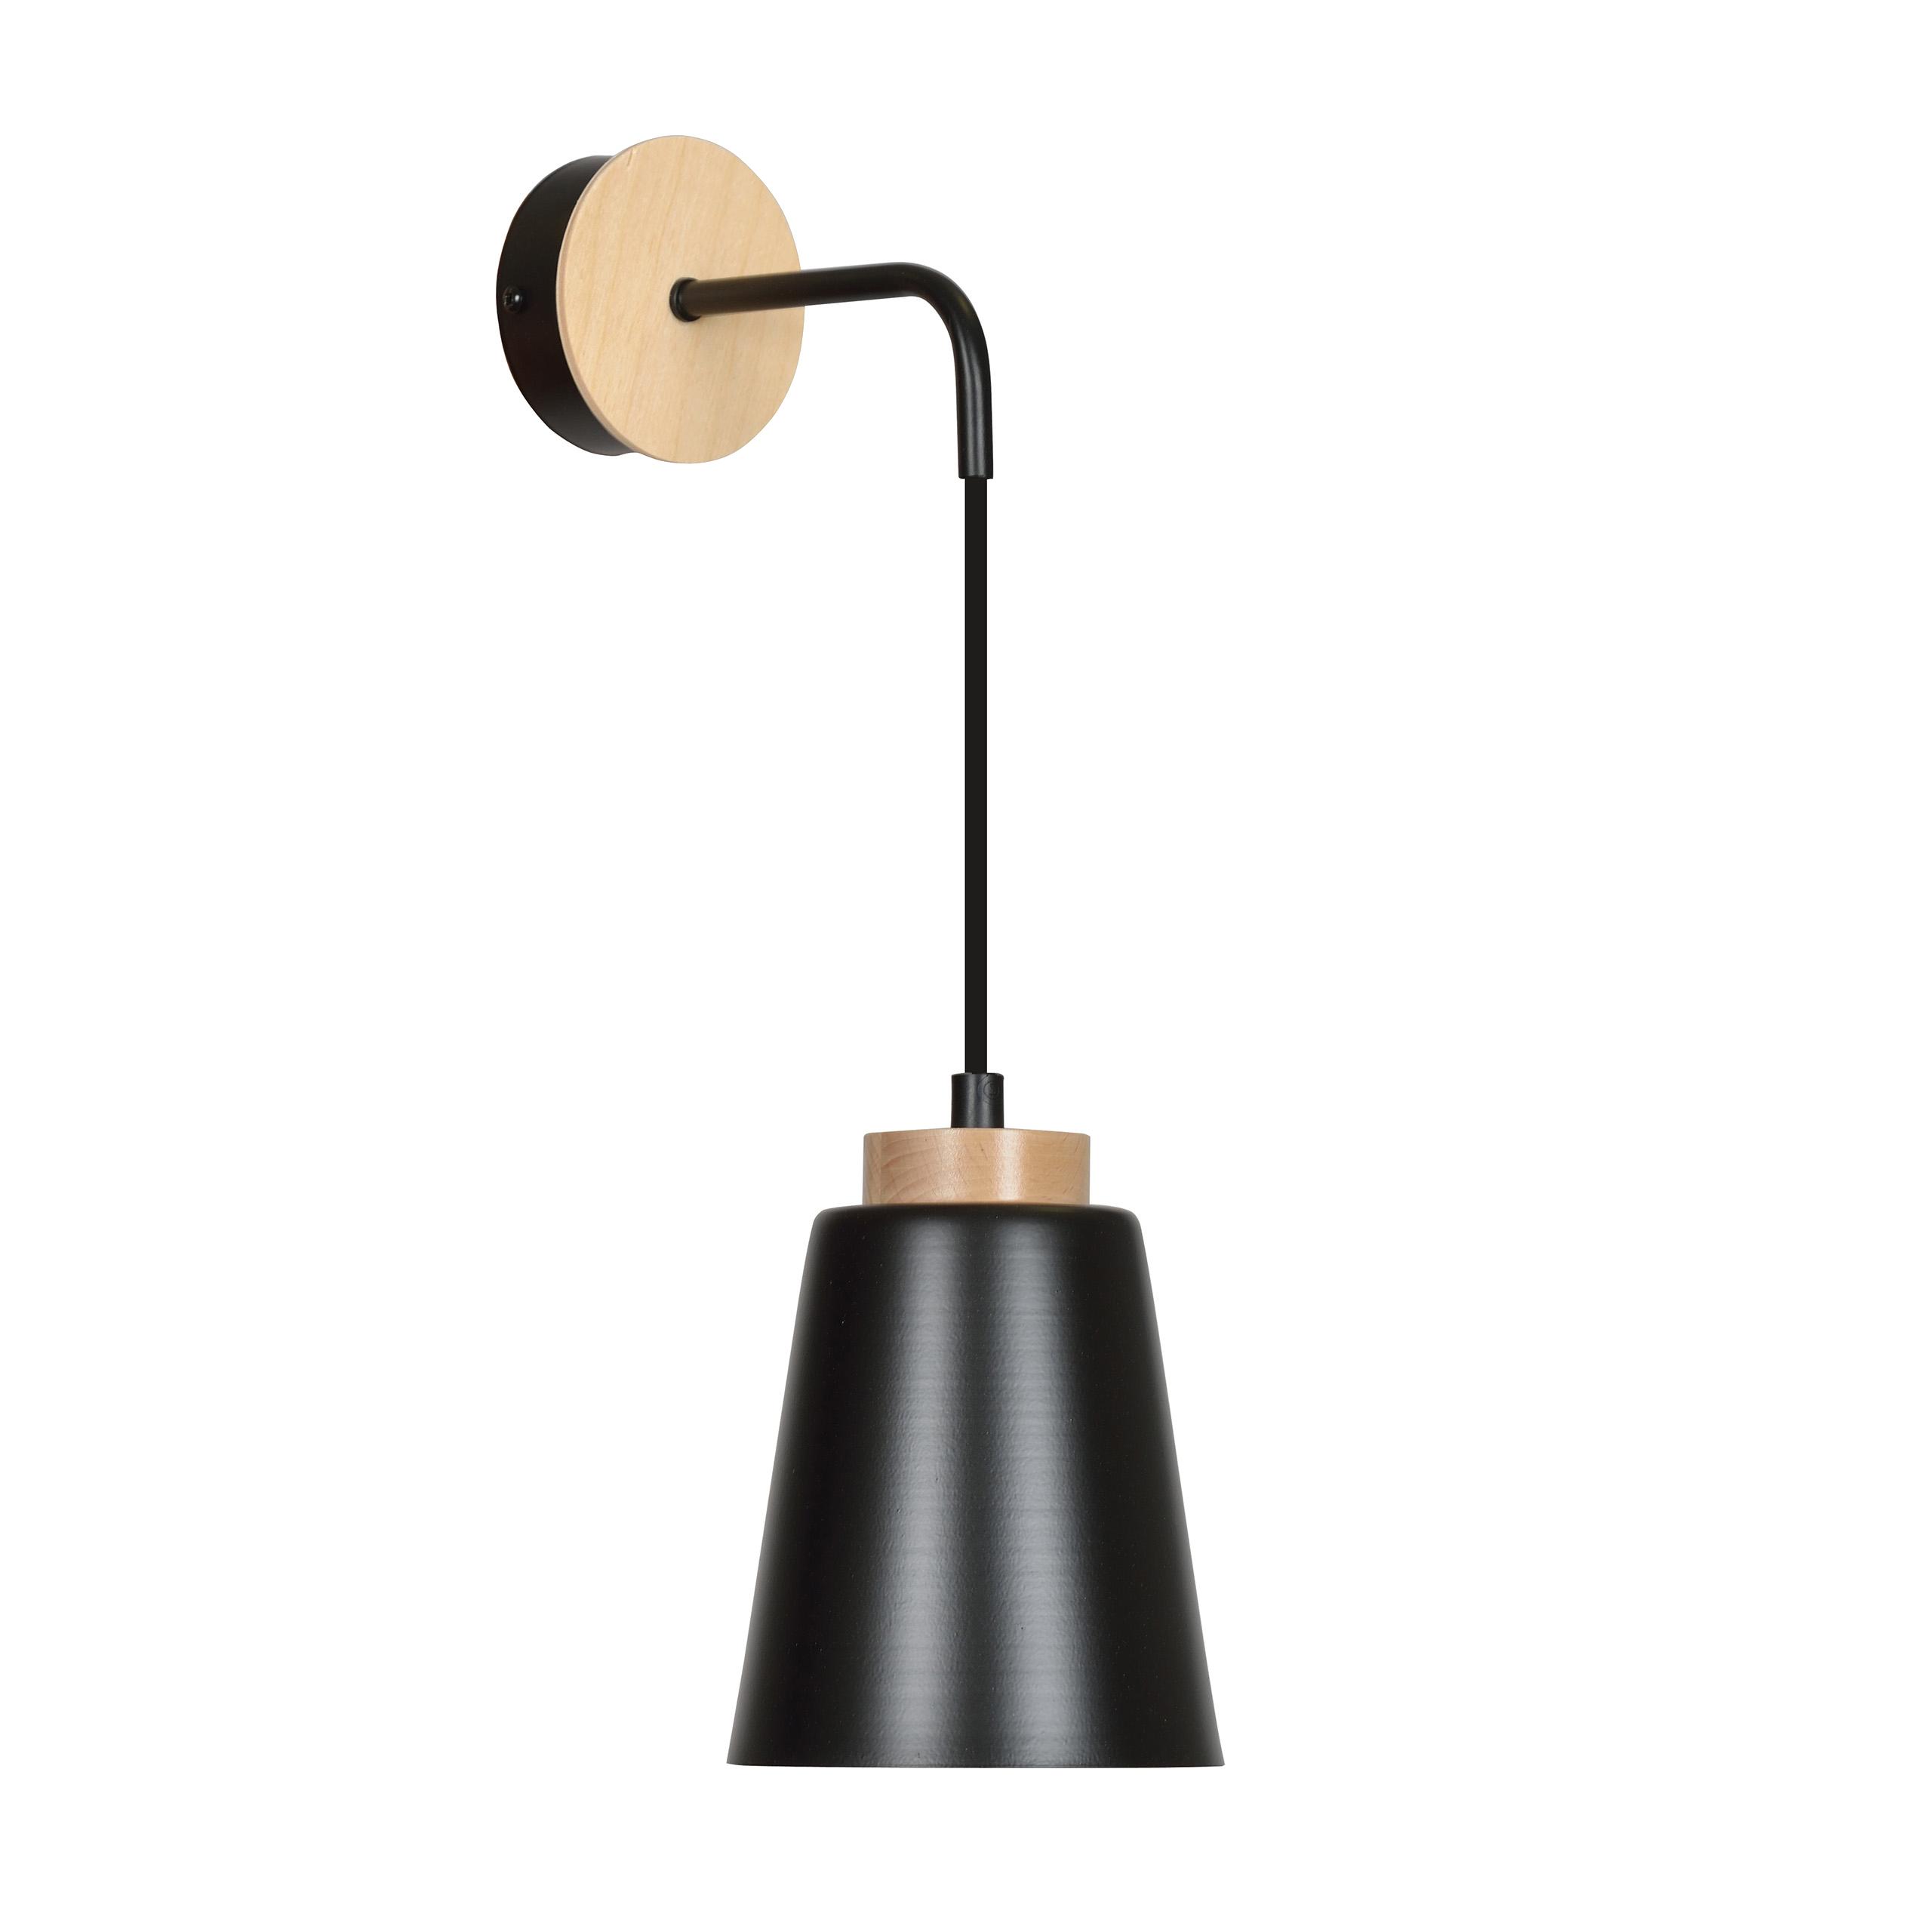 Wandlampe Schwarz Metall Holz Skandinavisch ROGER